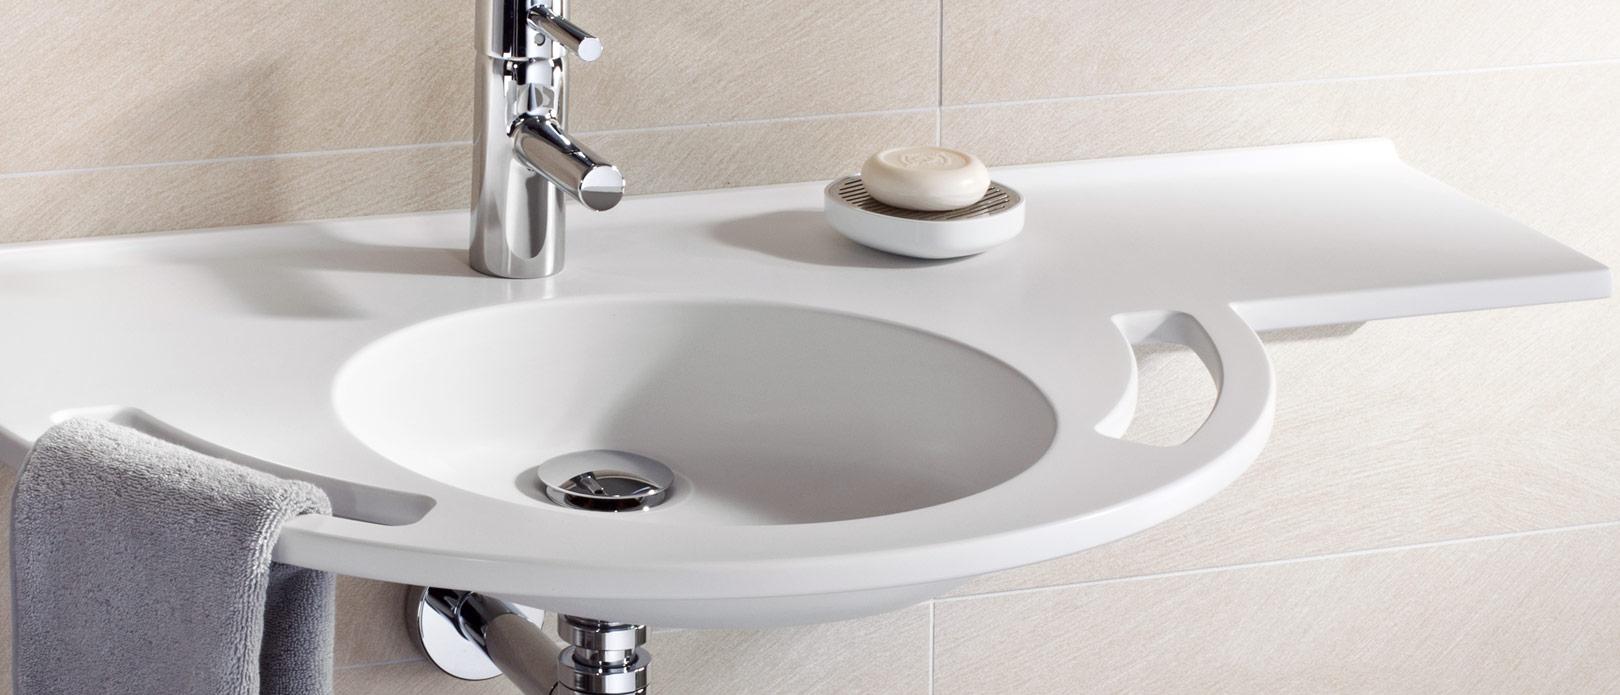 varicor waschtisch eckventil waschmaschine. Black Bedroom Furniture Sets. Home Design Ideas